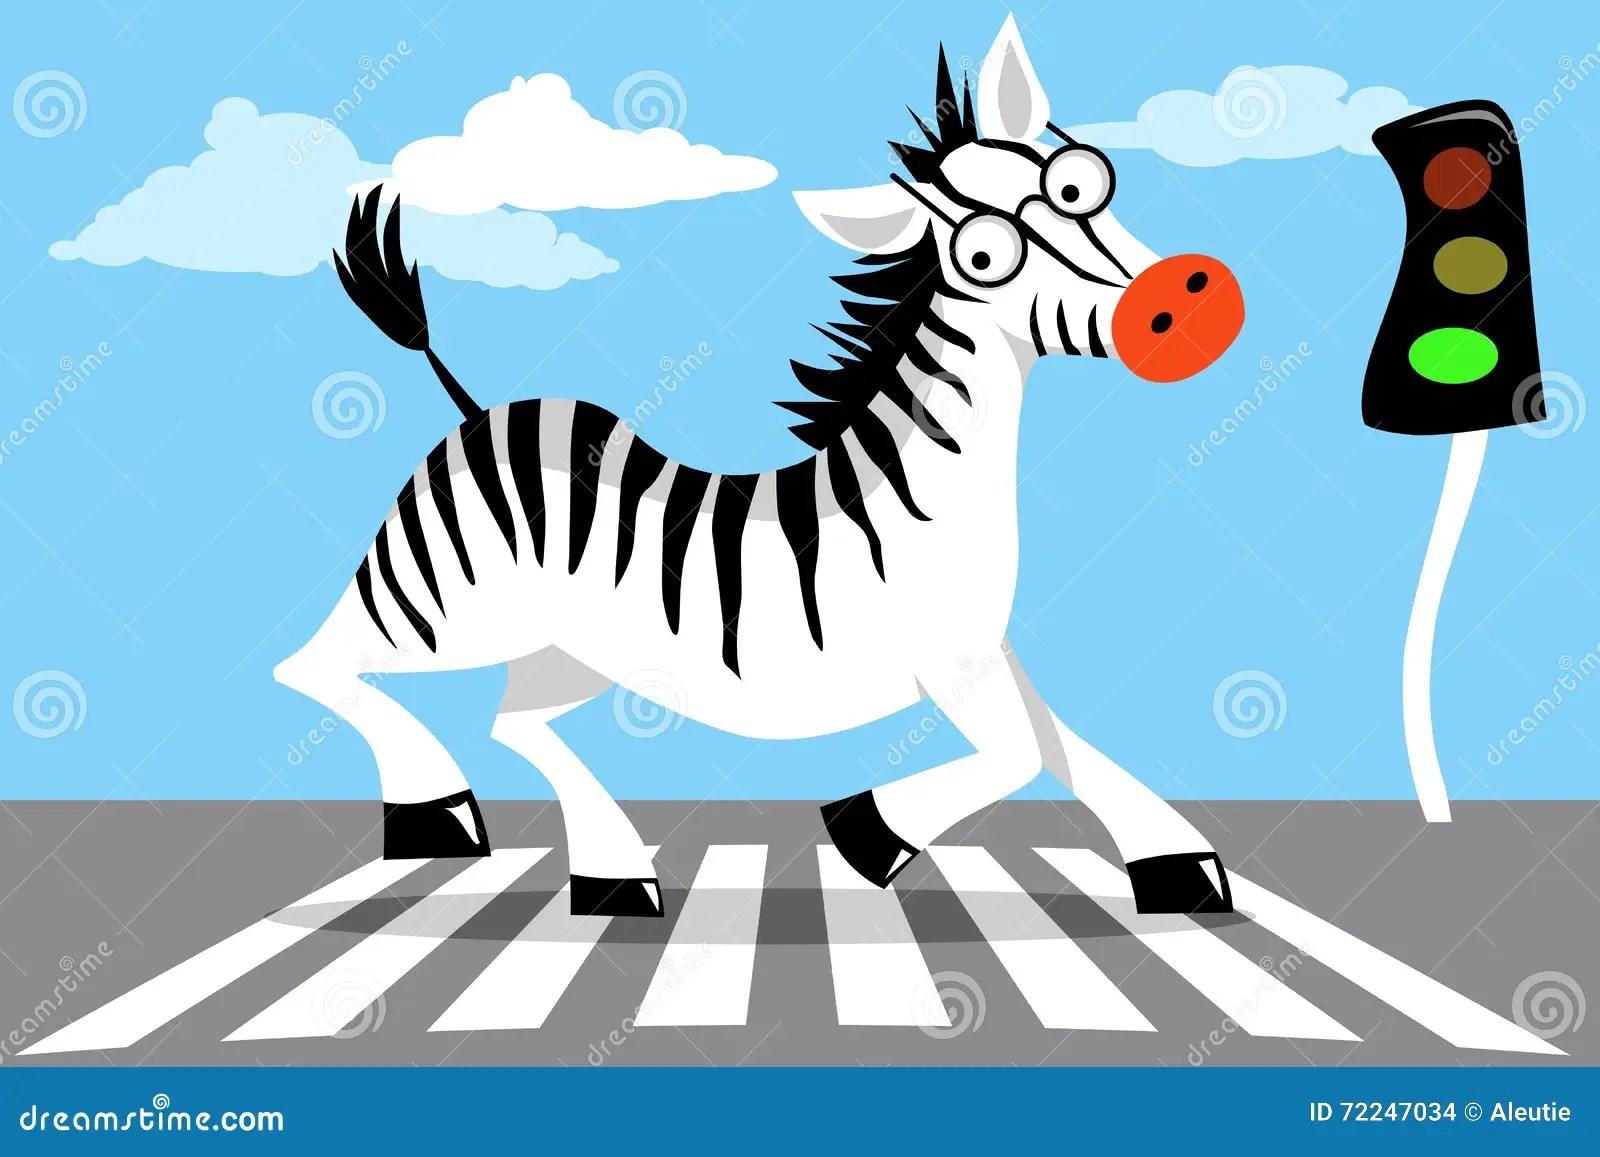 Road Safety Zebra Stock Vector Illustration Of Children